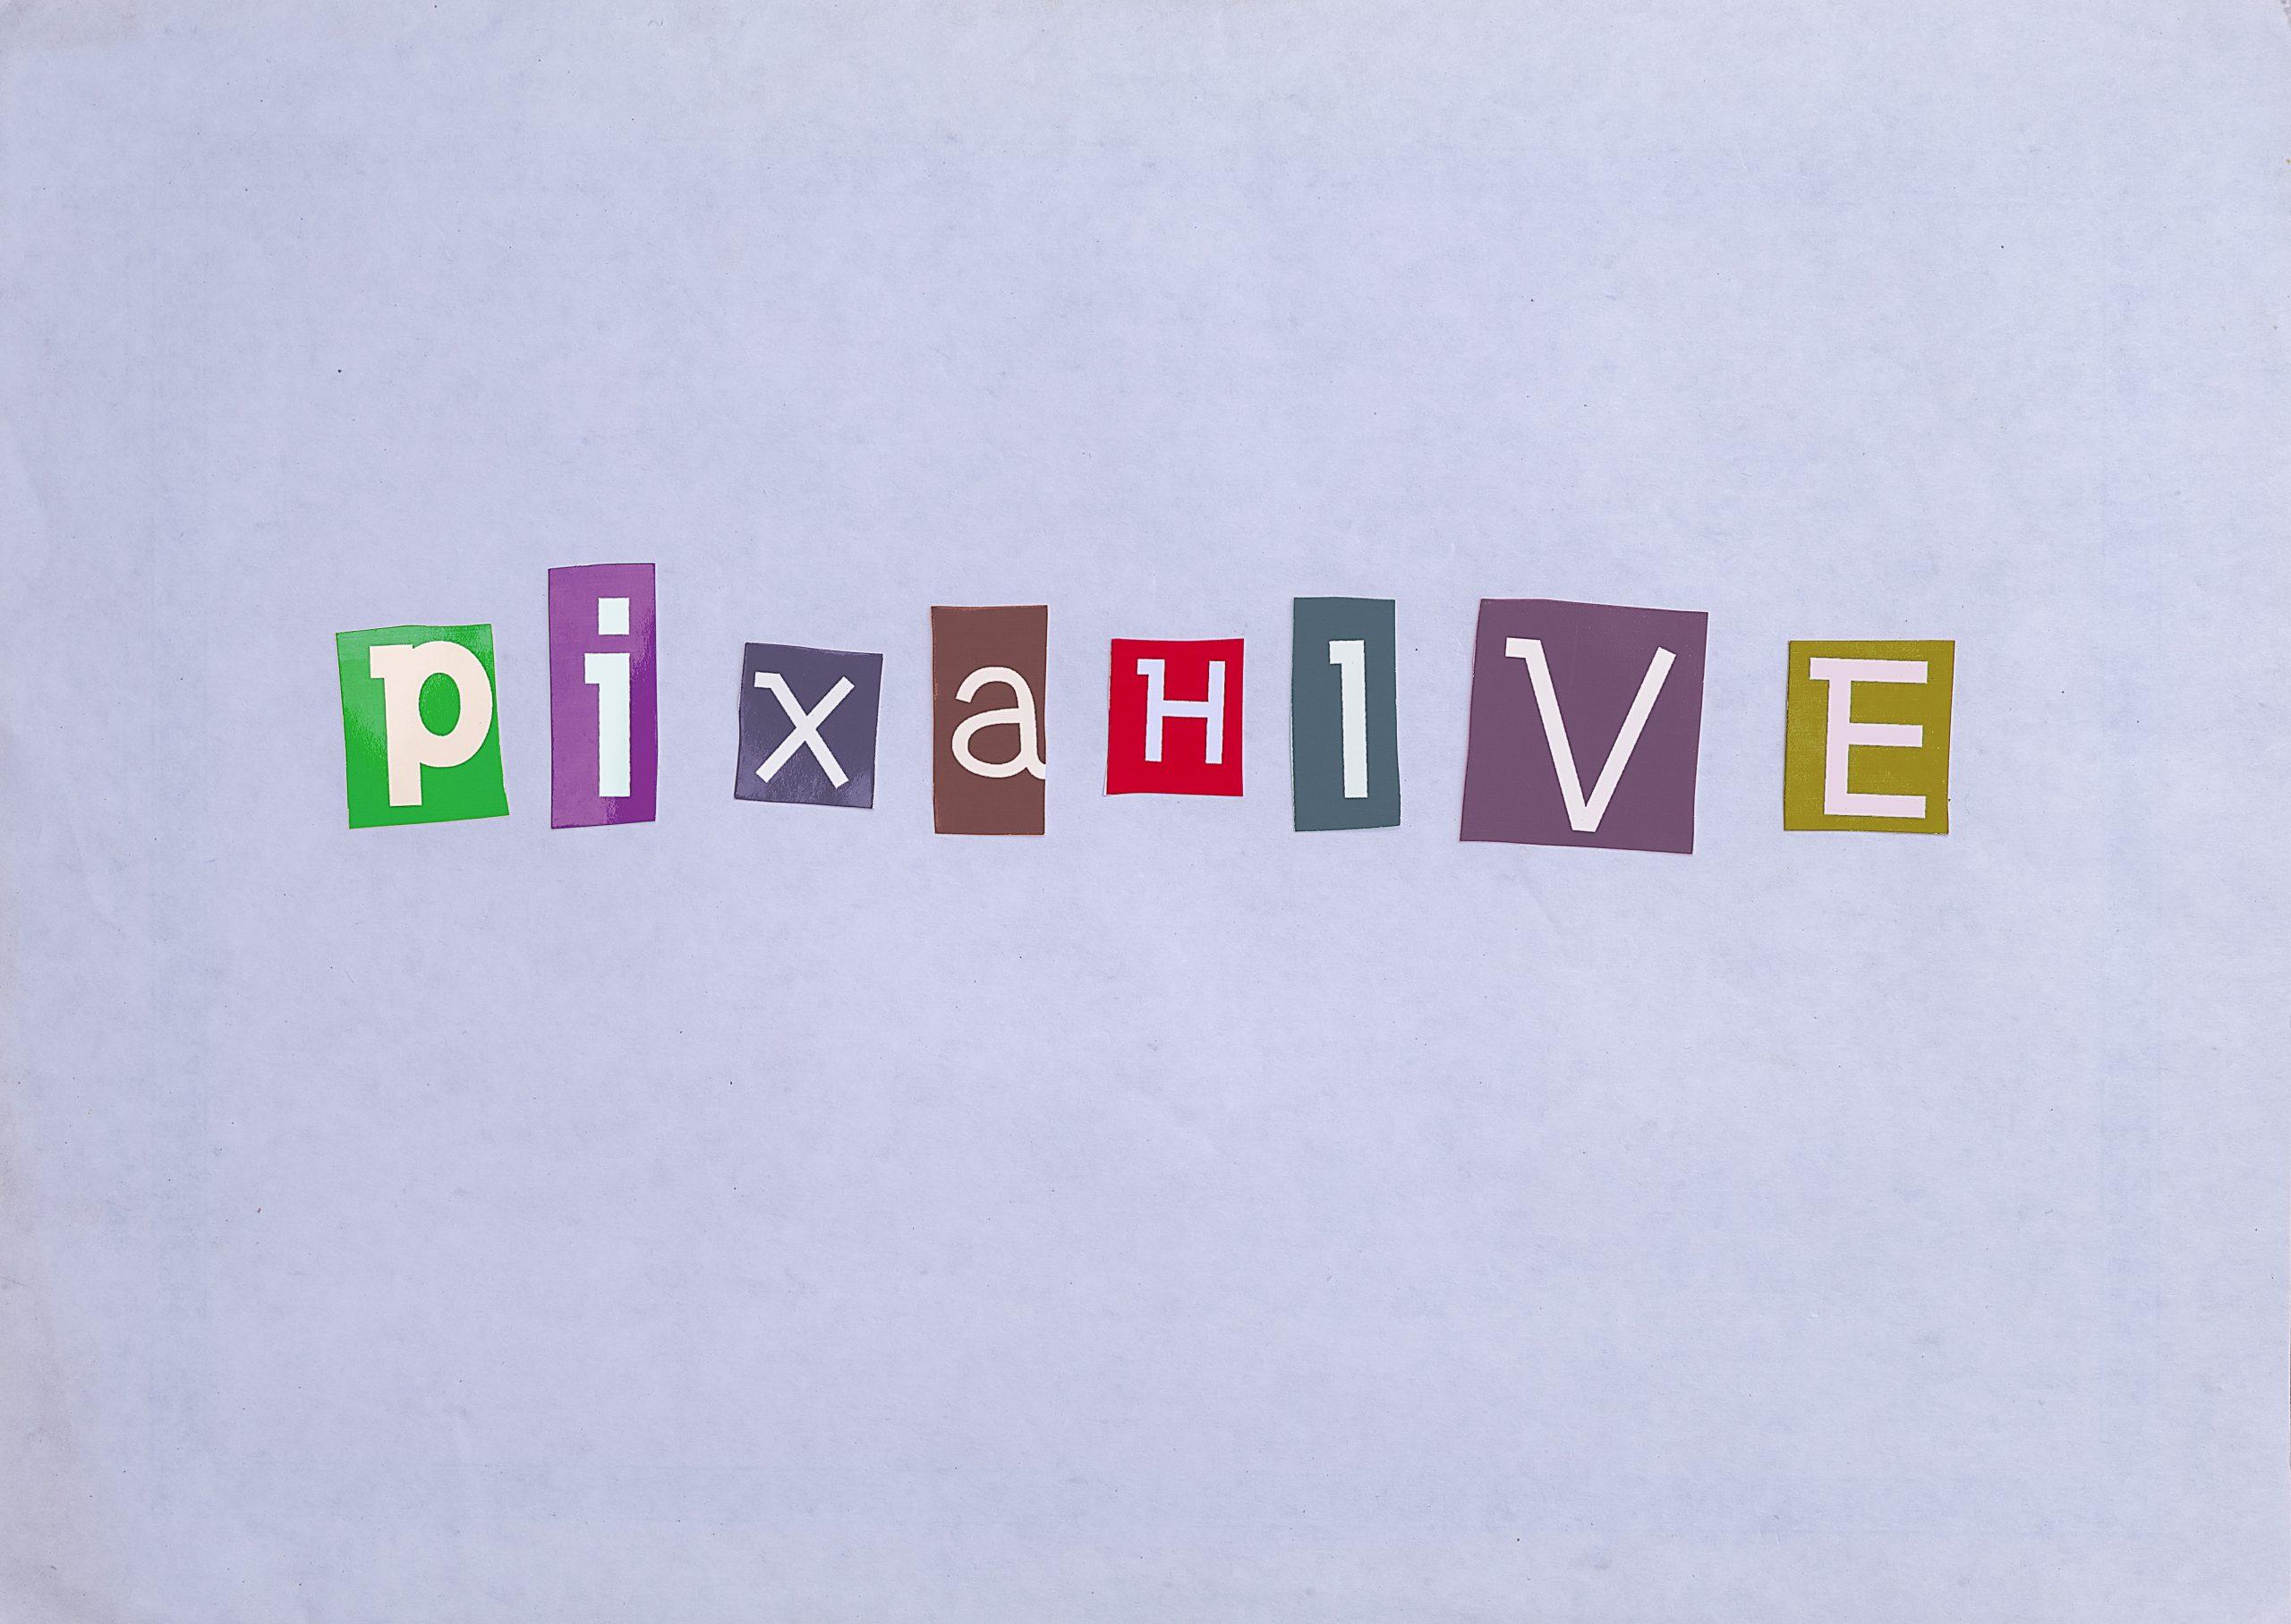 PixaHive